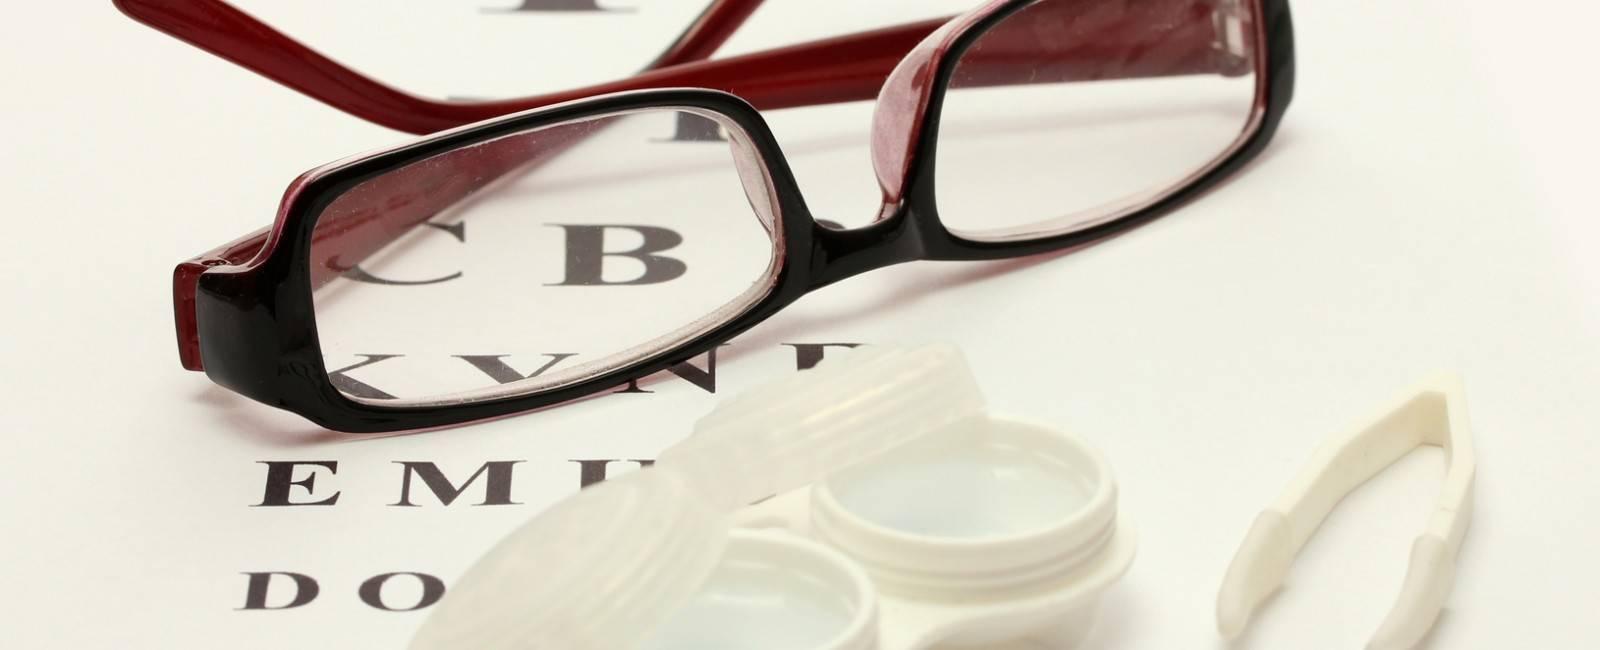 Что лучше - очки или линзы? сравнение очков и линз. что лучше, очки или линзы